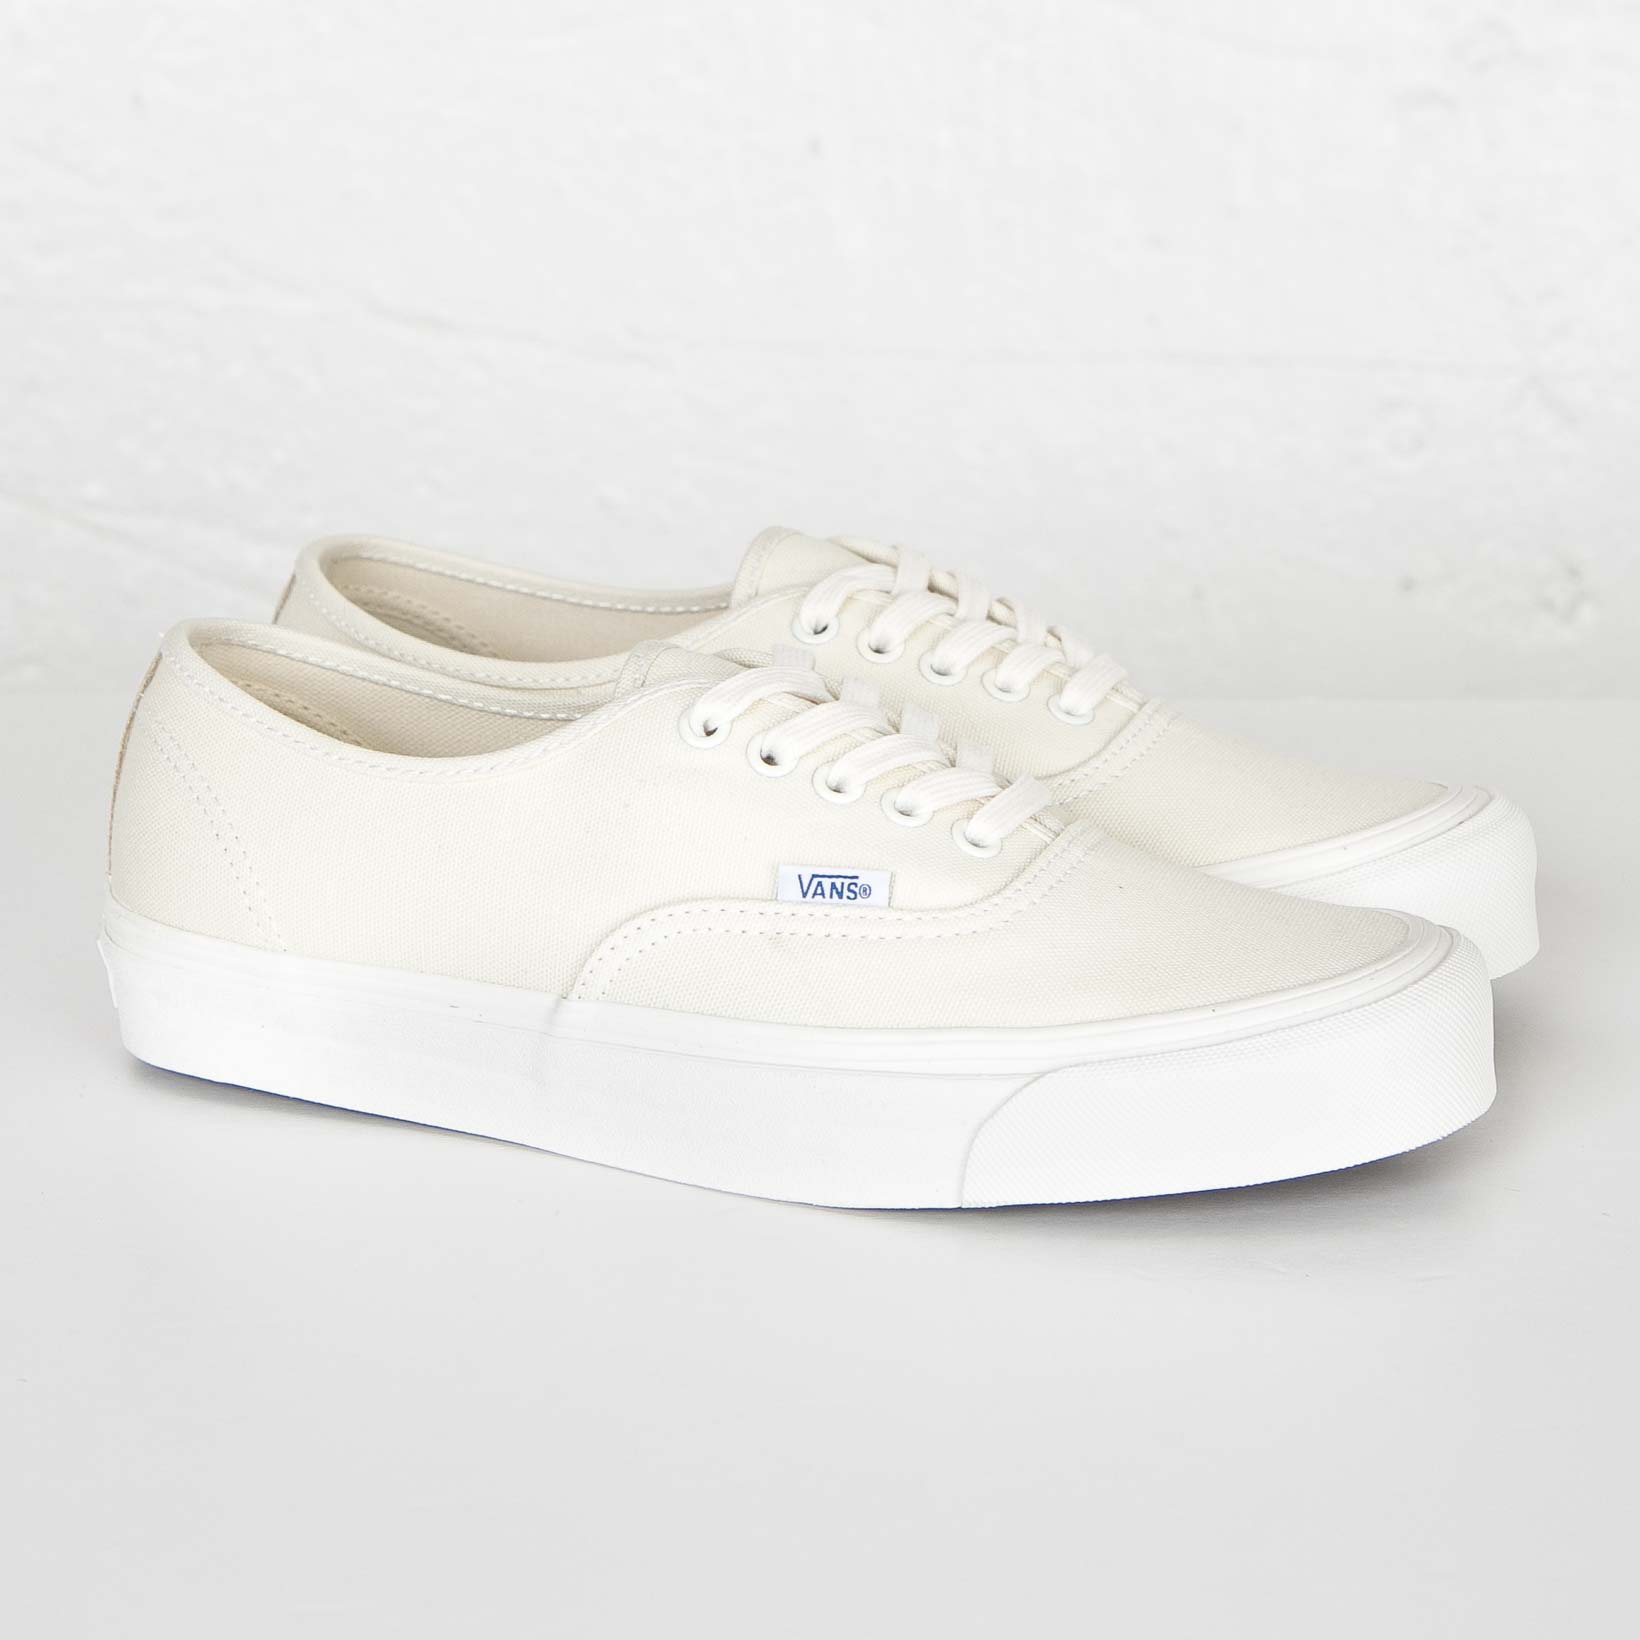 793d8d8edc Vans OG Authentic LX - Vuddiav - Sneakersnstuff